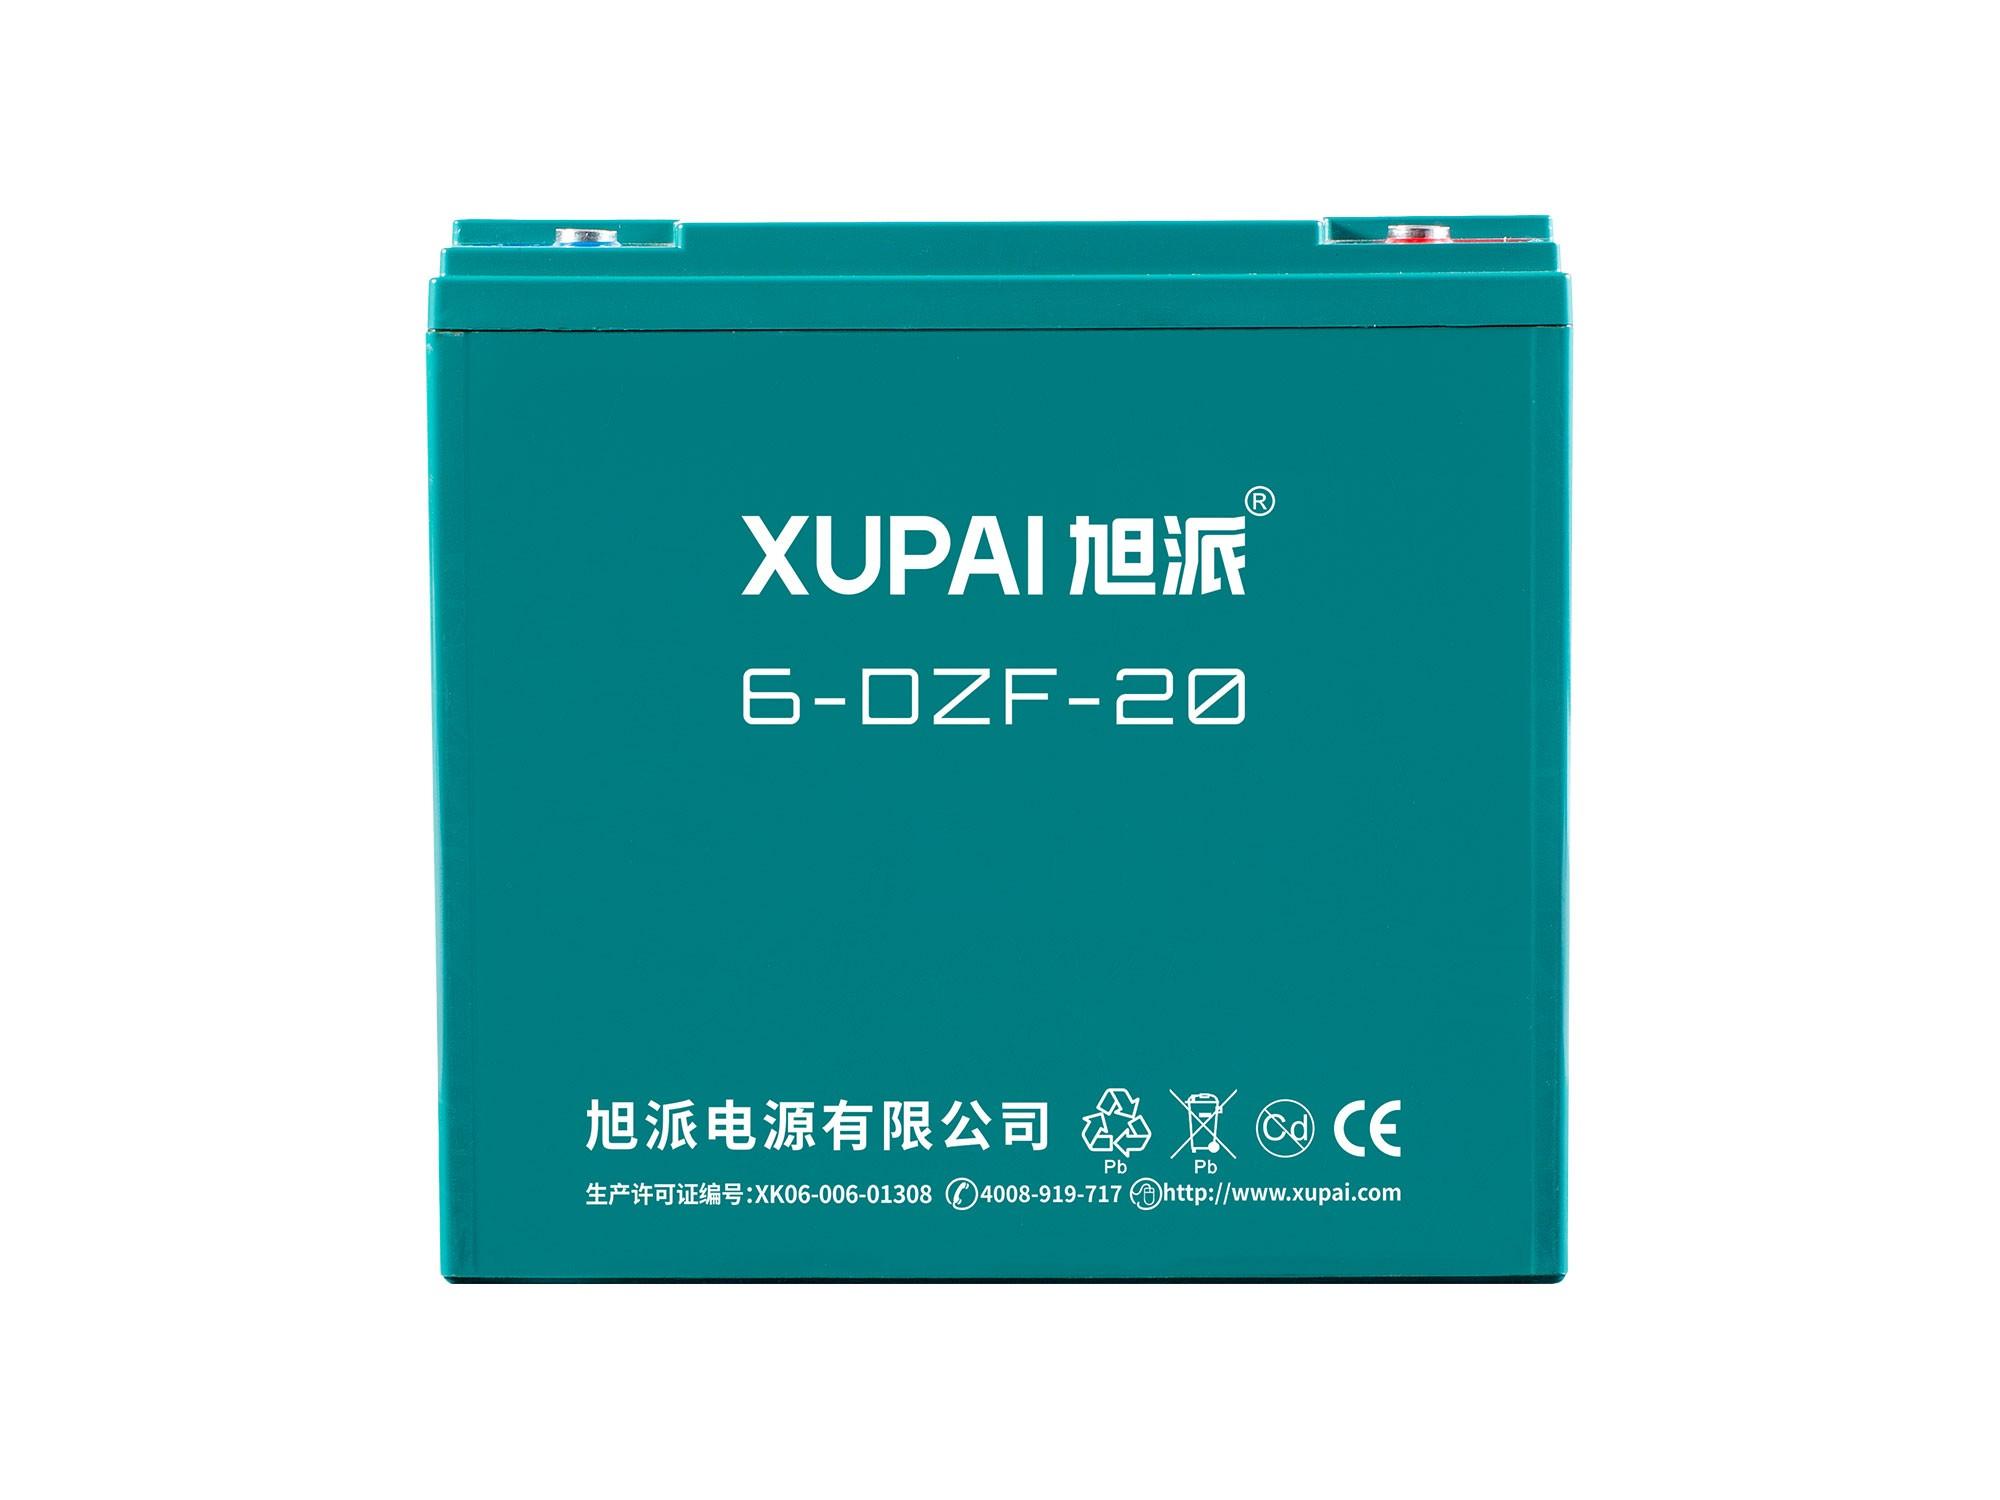 6-DZM-20  电动车电池